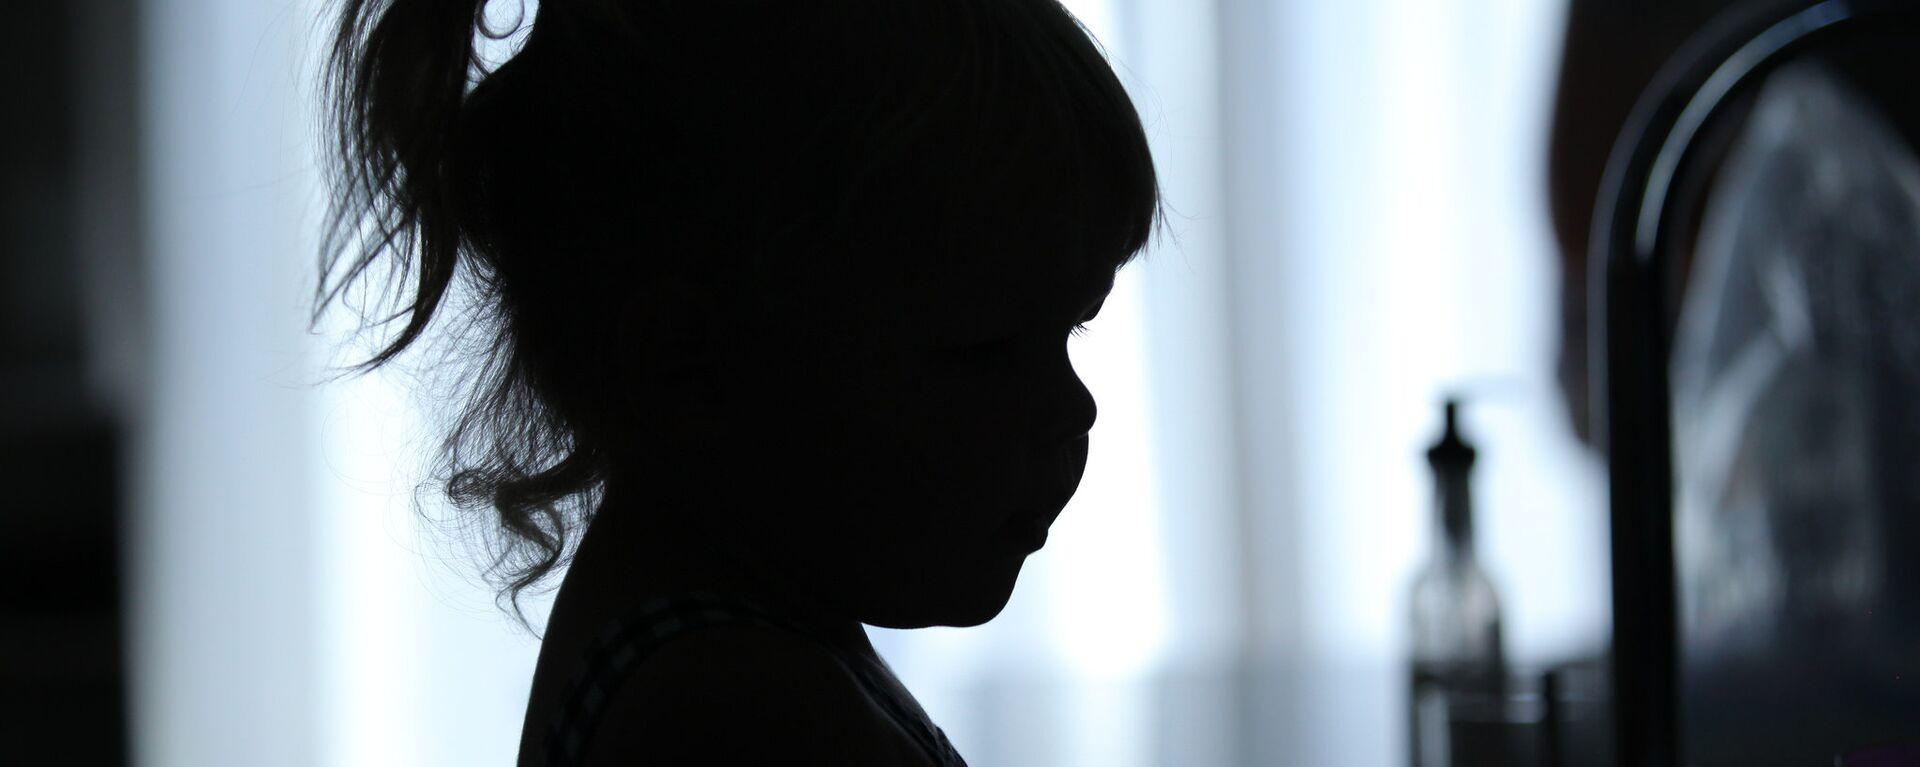 Una niña (imagen referencial) - Sputnik Mundo, 1920, 06.07.2021